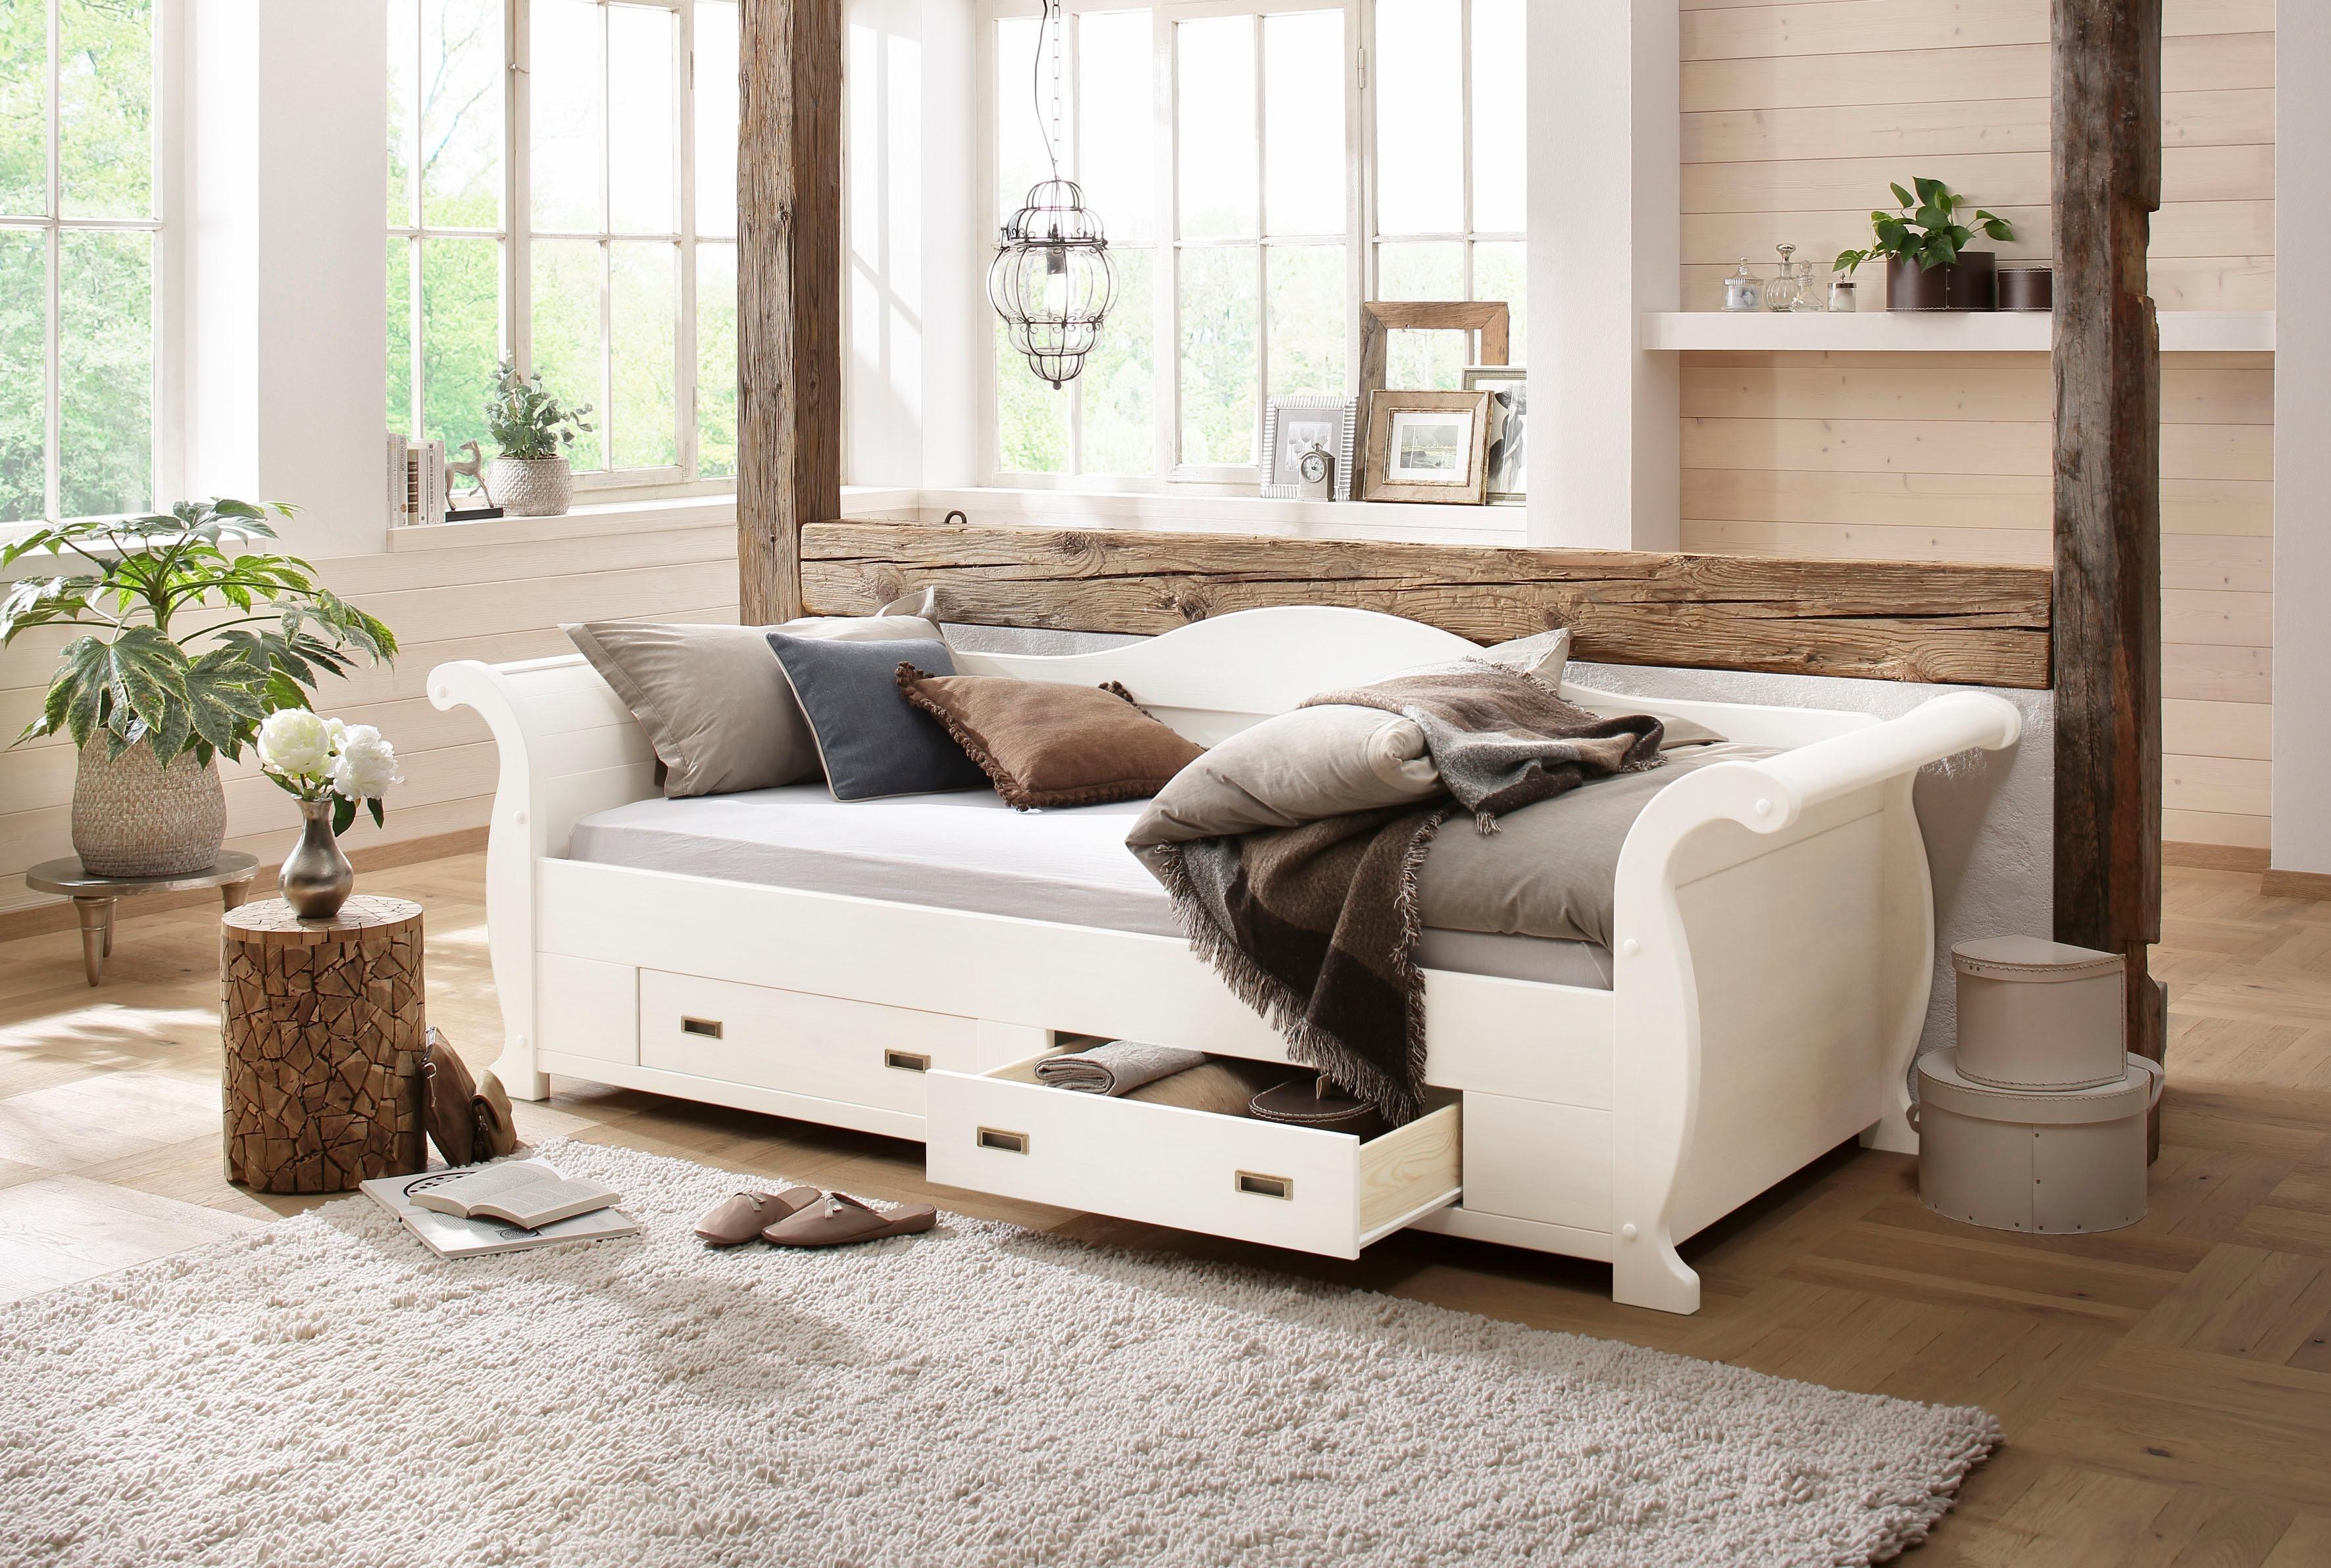 50 sparen stauraumbett bella nur 379 99 cherry m bel otto. Black Bedroom Furniture Sets. Home Design Ideas